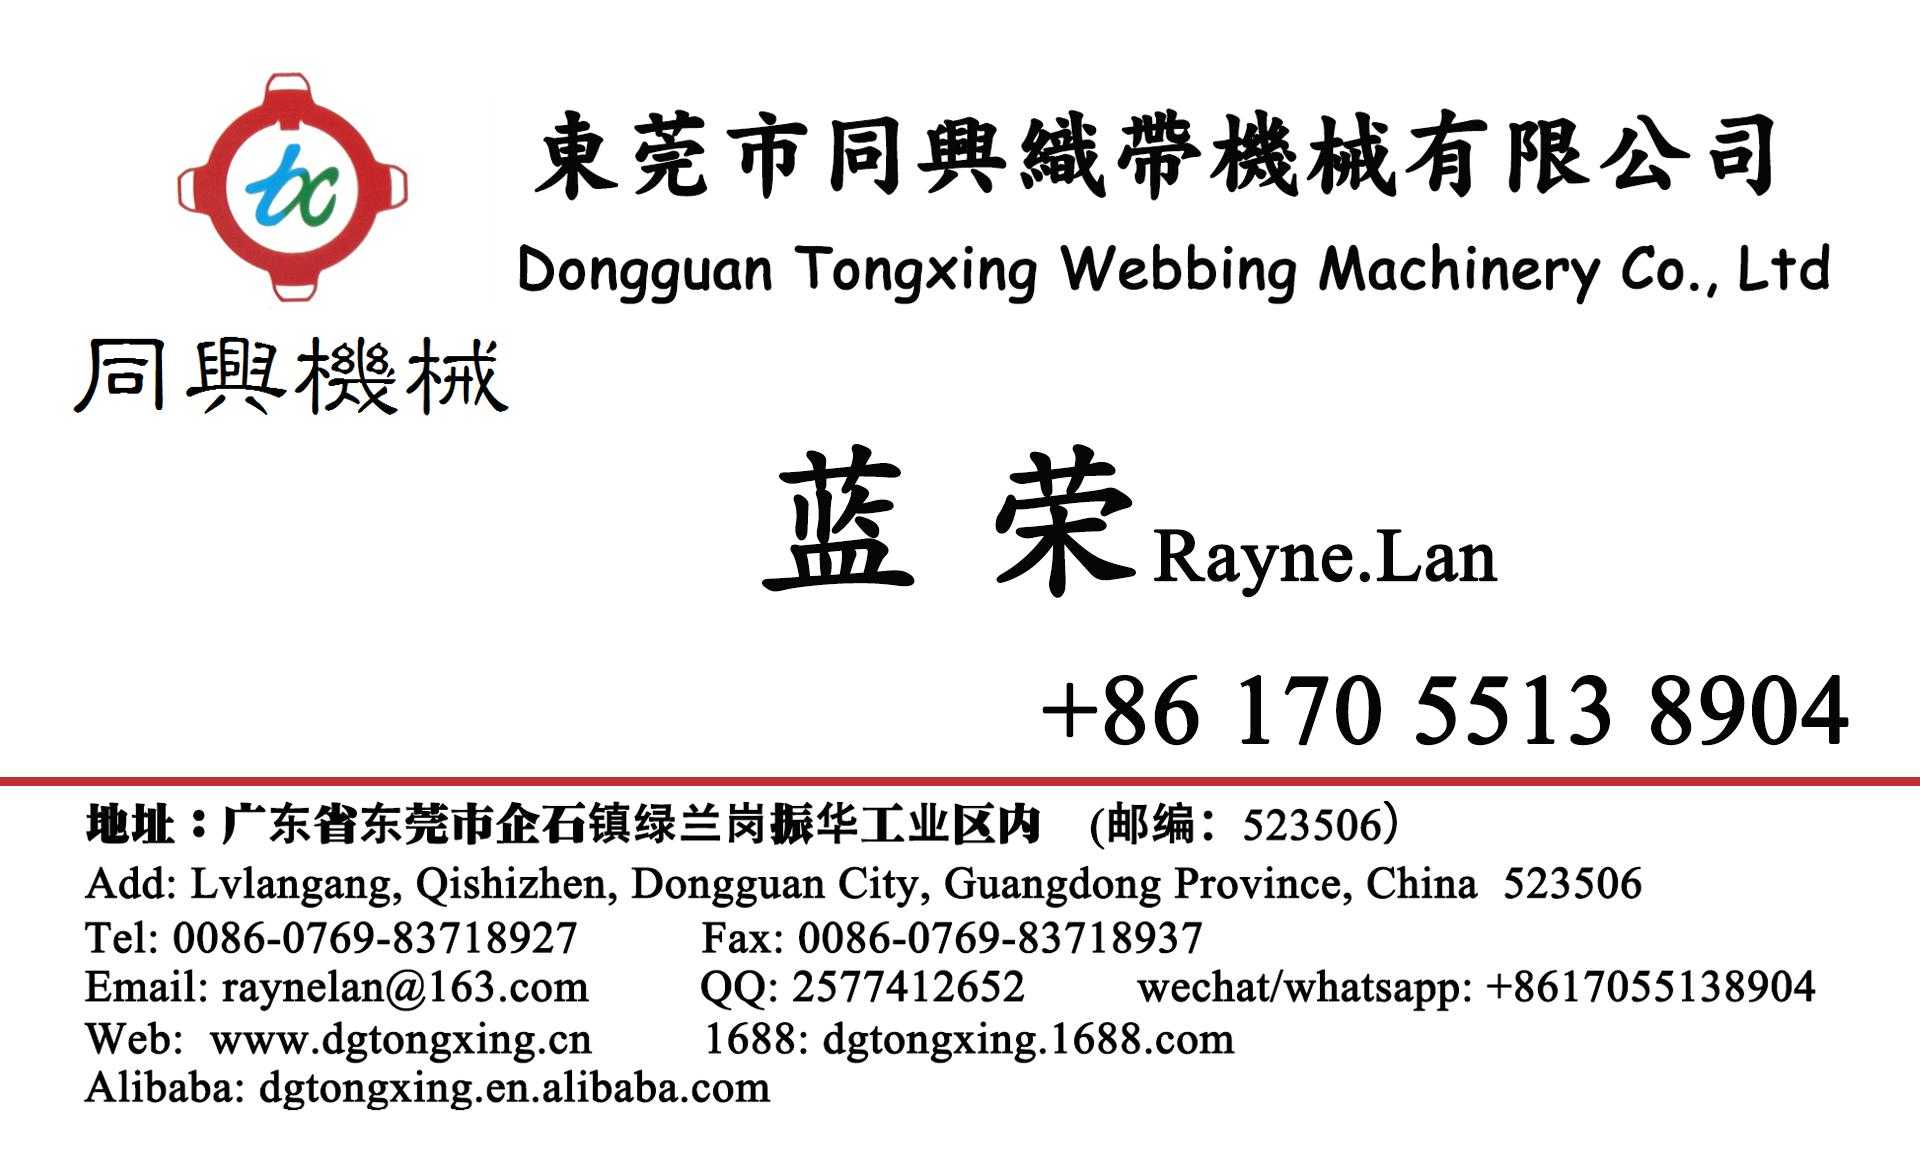 Tongxing Webbing Machinery